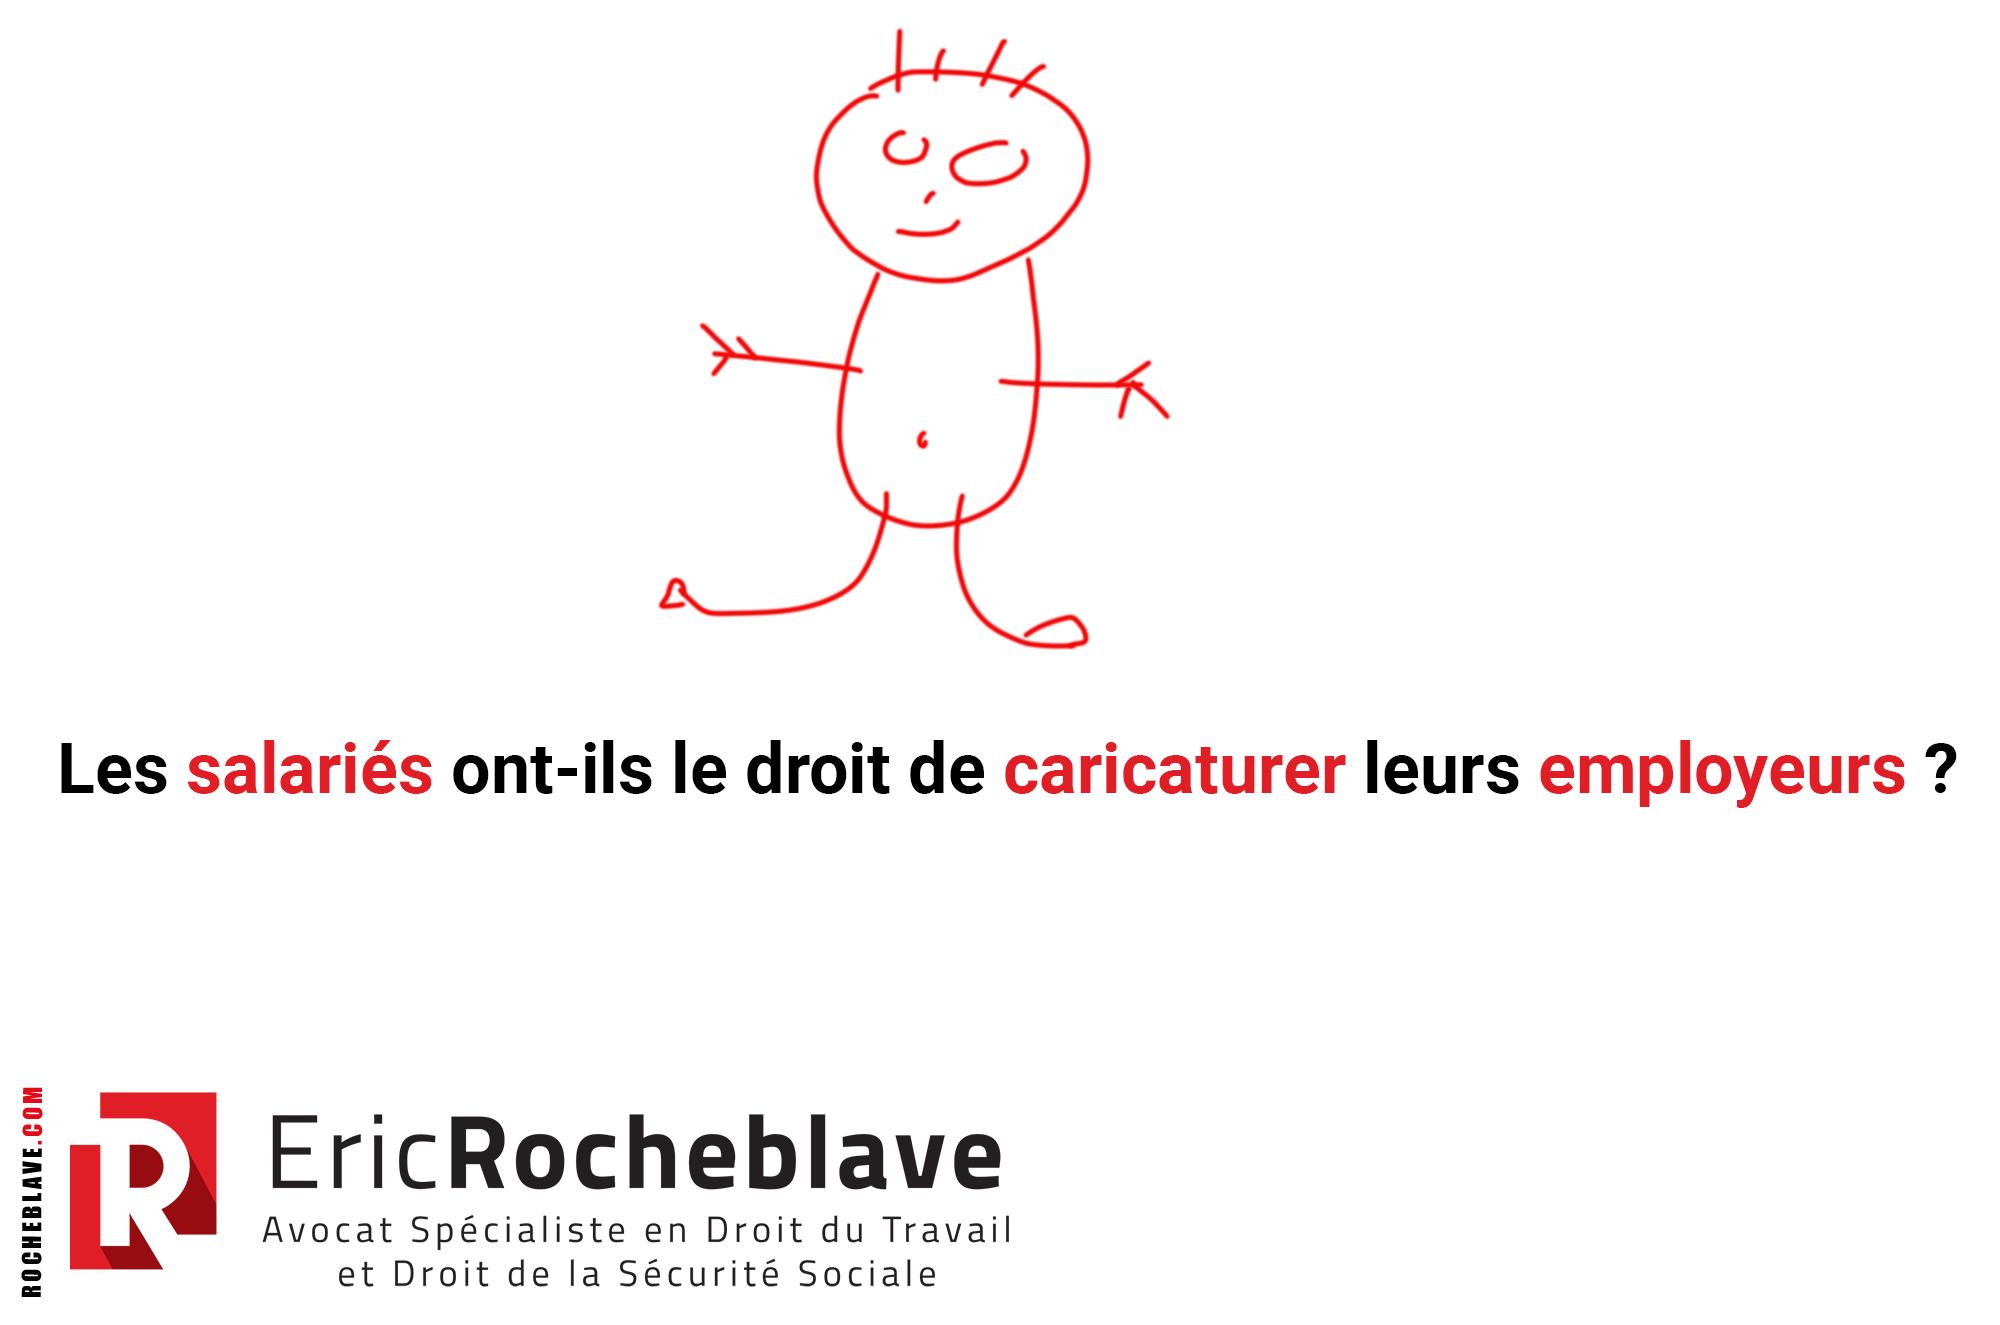 Les salariés ont-ils le droit de caricaturer leurs employeurs ?